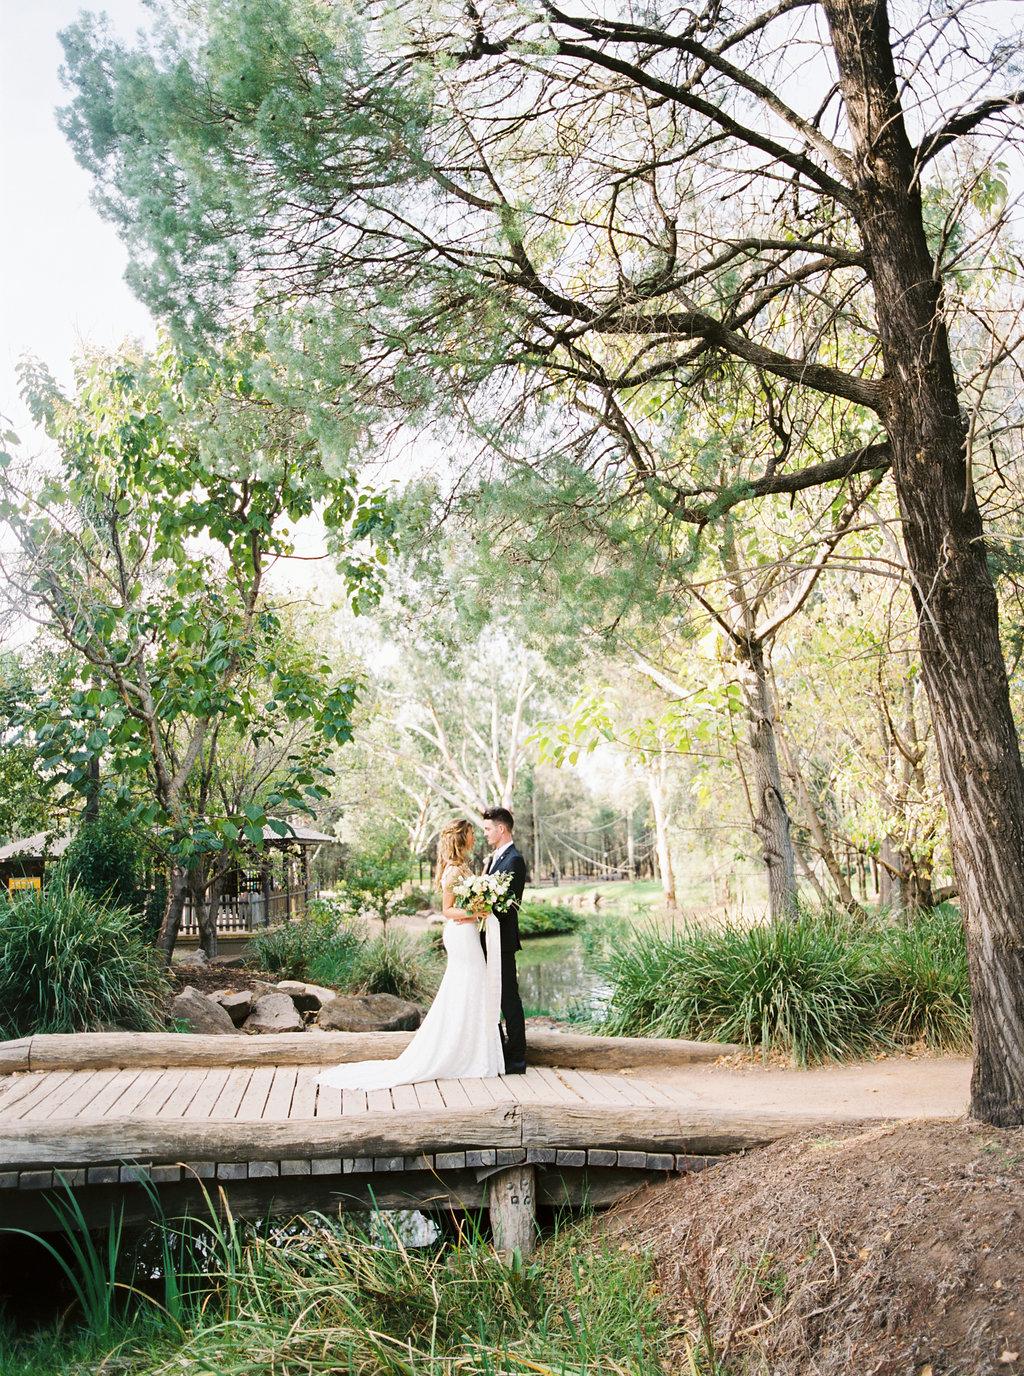 00029-AustraliaWeddingPhotographerSheriMcMahon.jpg